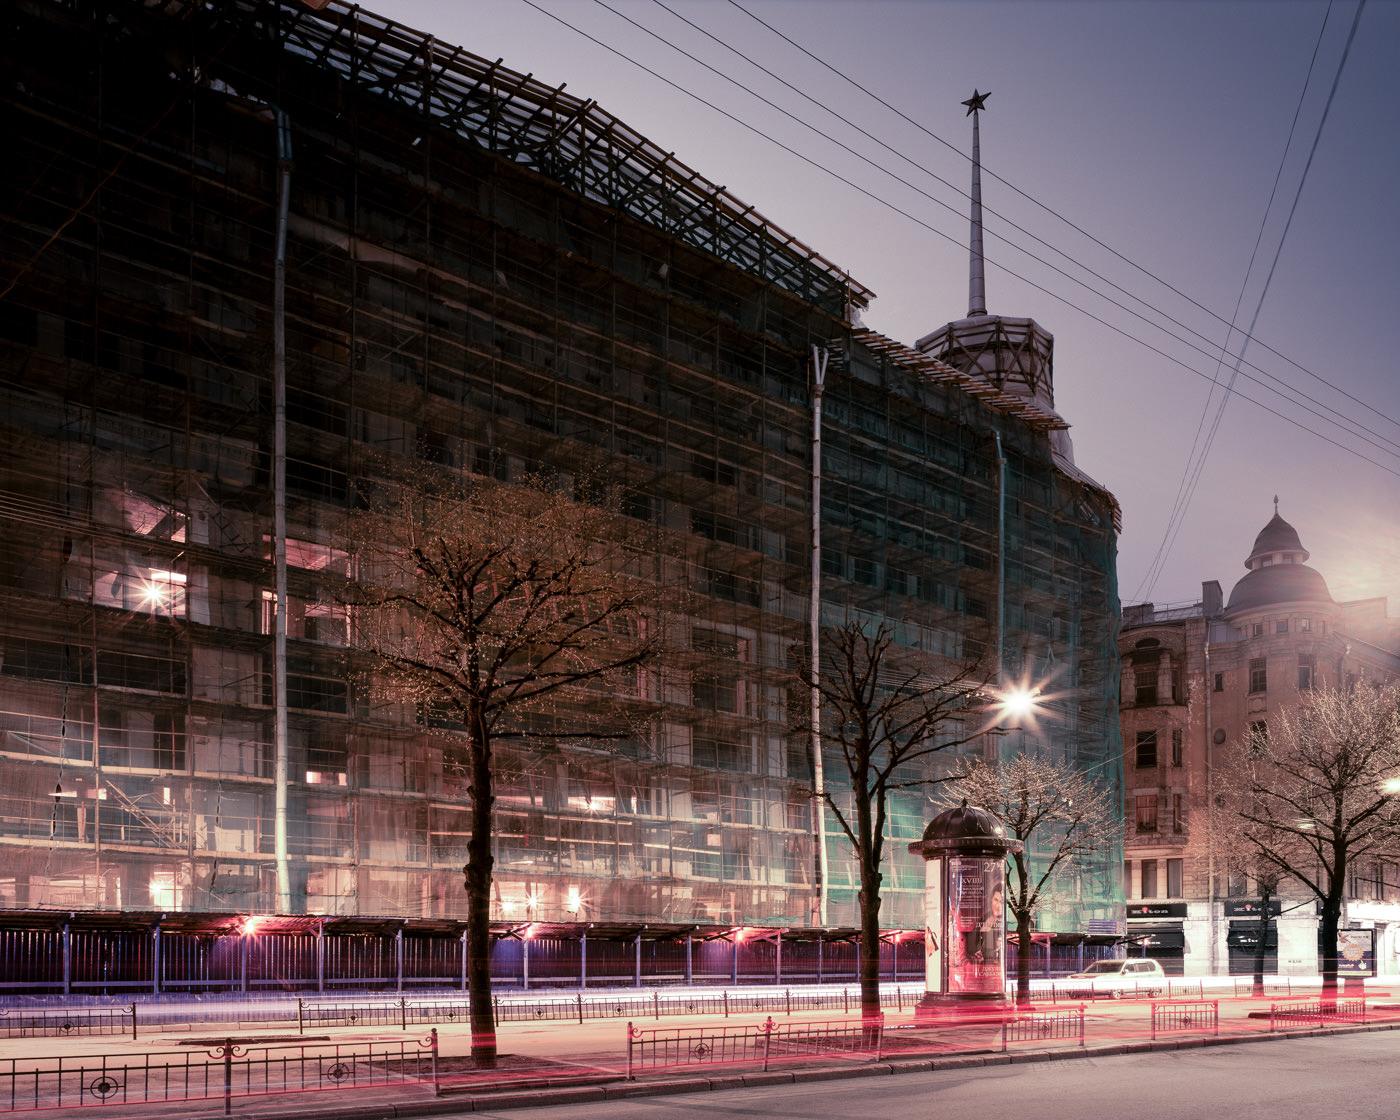 """""""DLT (Dom Leningradskoi Torgovly), St. Petersburg"""" from the series Nylon Chrysalis, by William Mokrynski"""